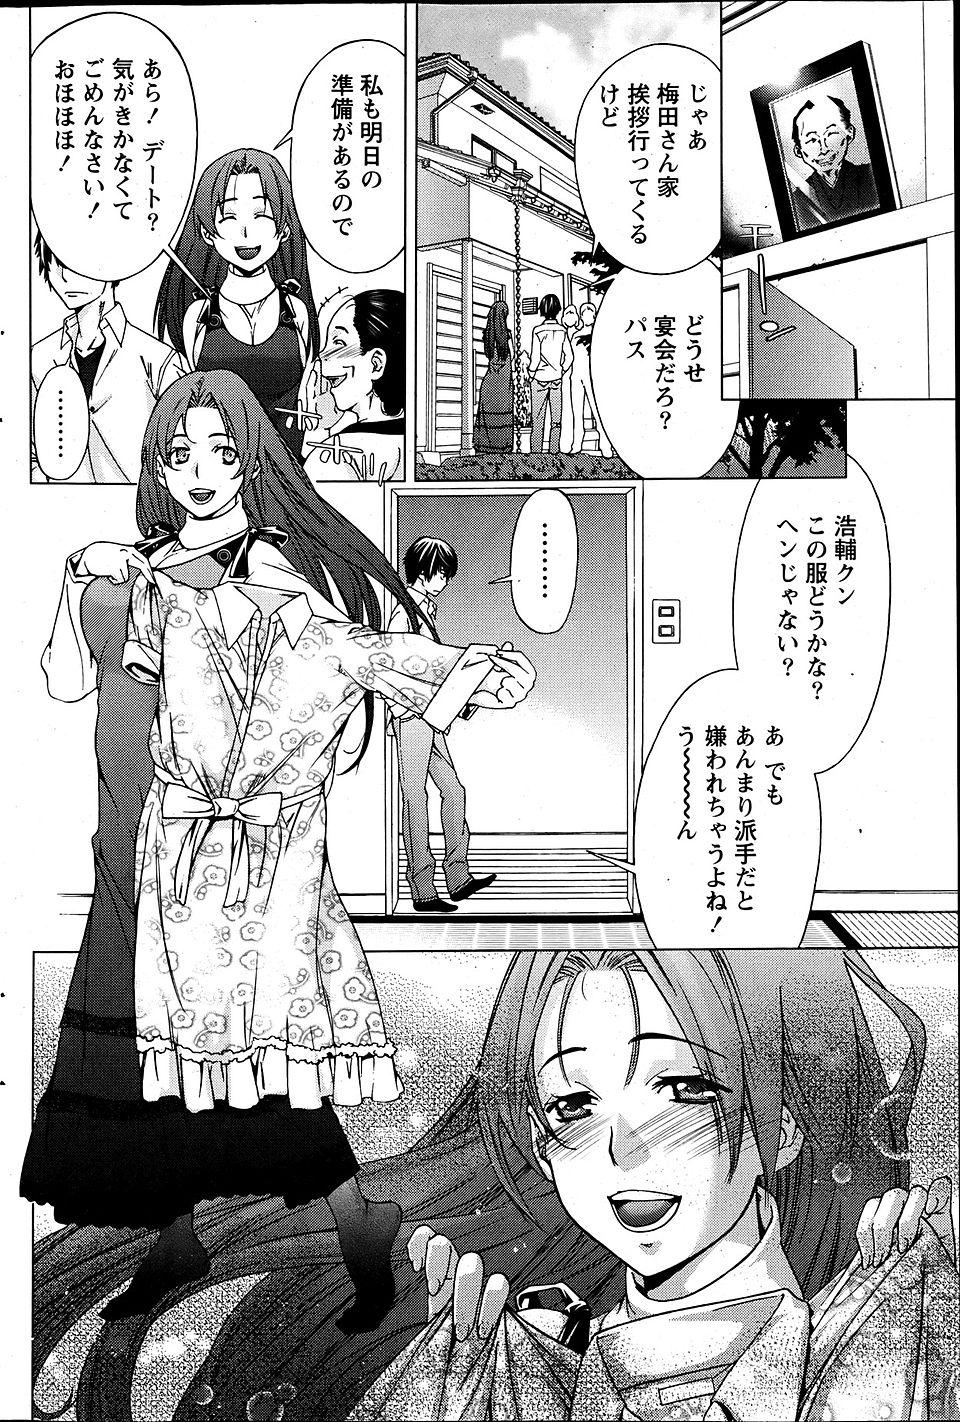 【エロ漫画・エロ同人誌】本当はエロい巨乳イトコを無理矢理エッチして本性開放したったwww (4)